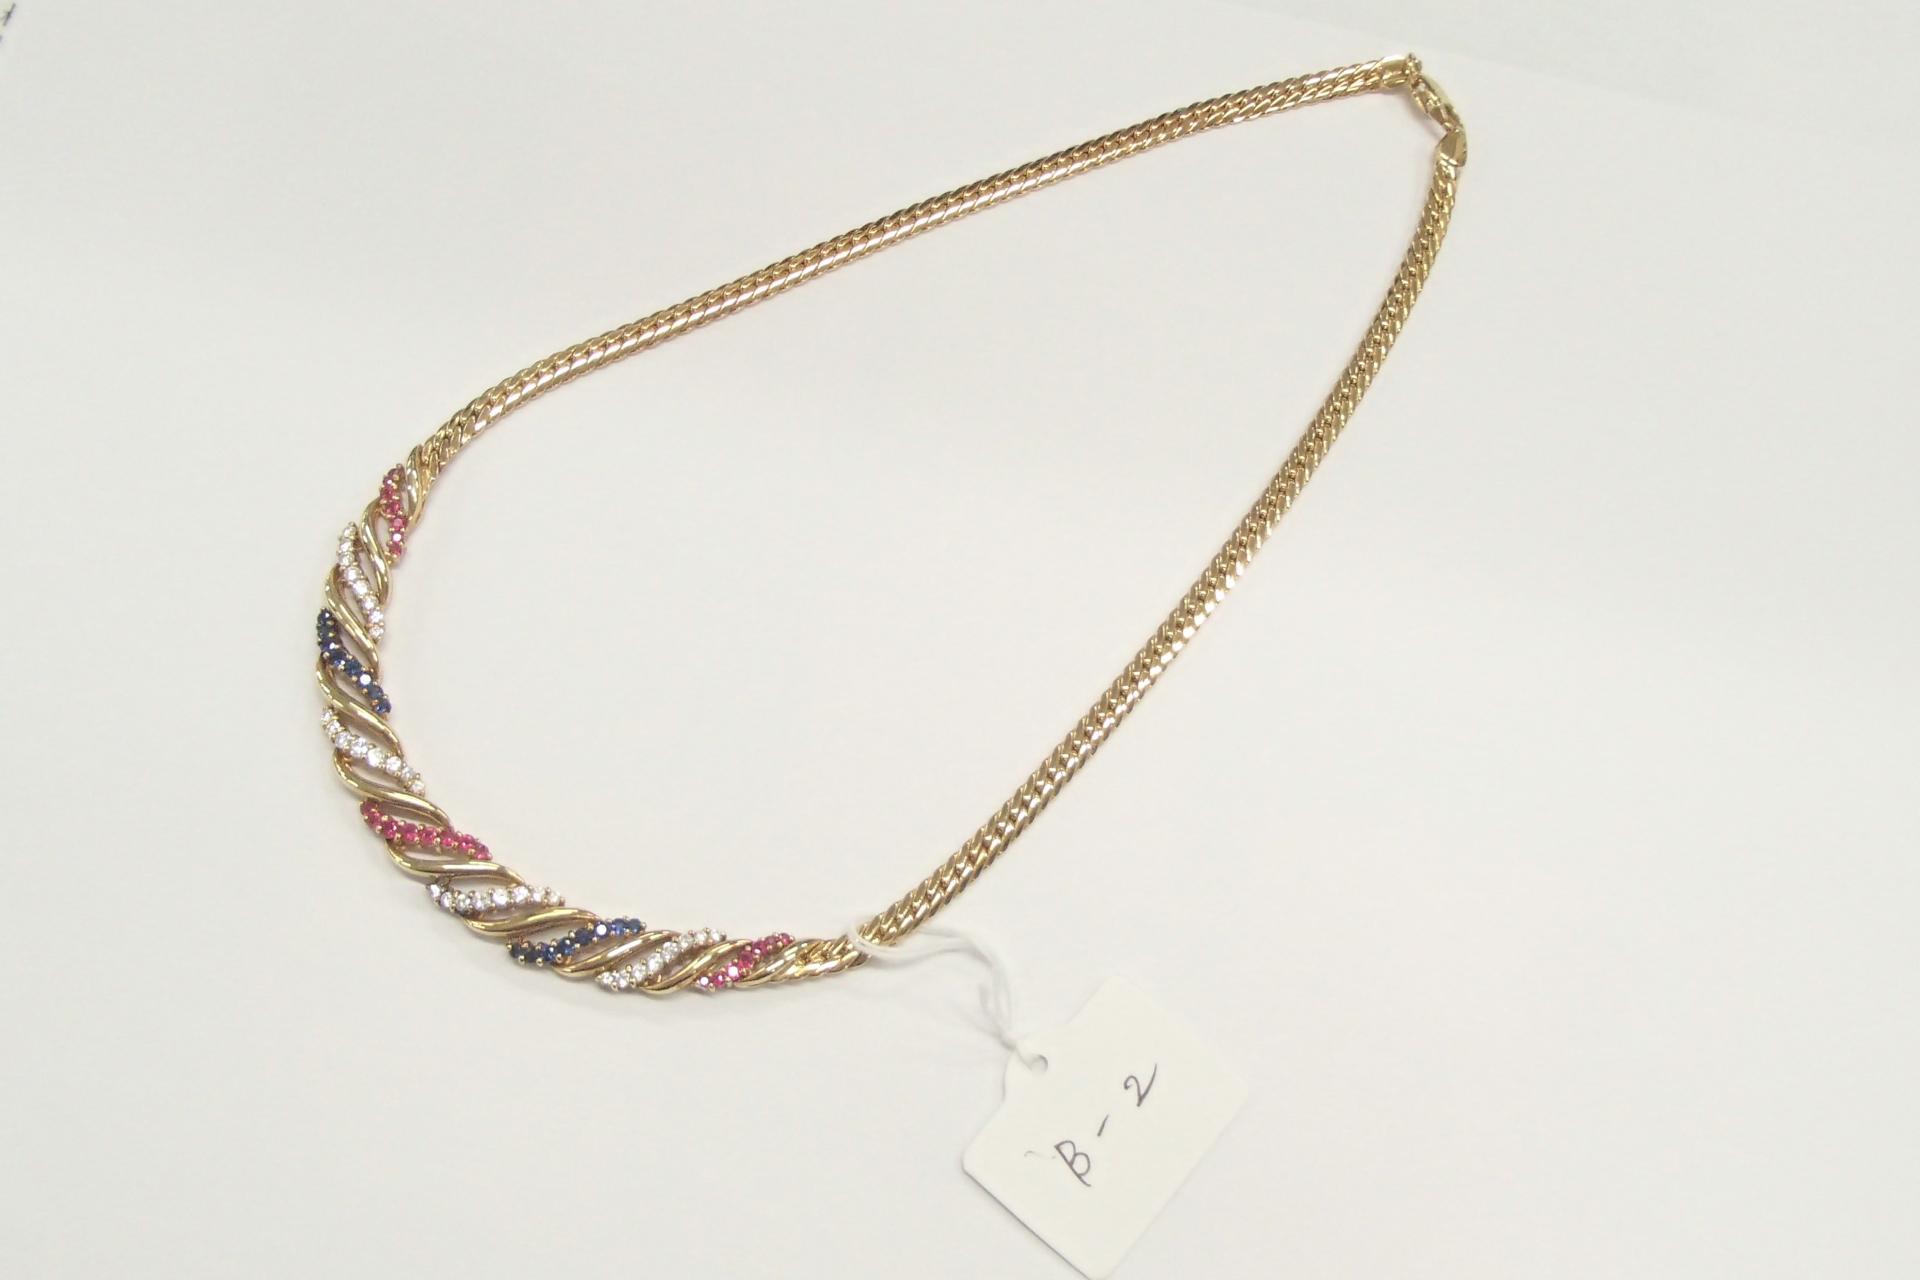 宝飾品のネックレスを高額買取しました! 東京都のお客様